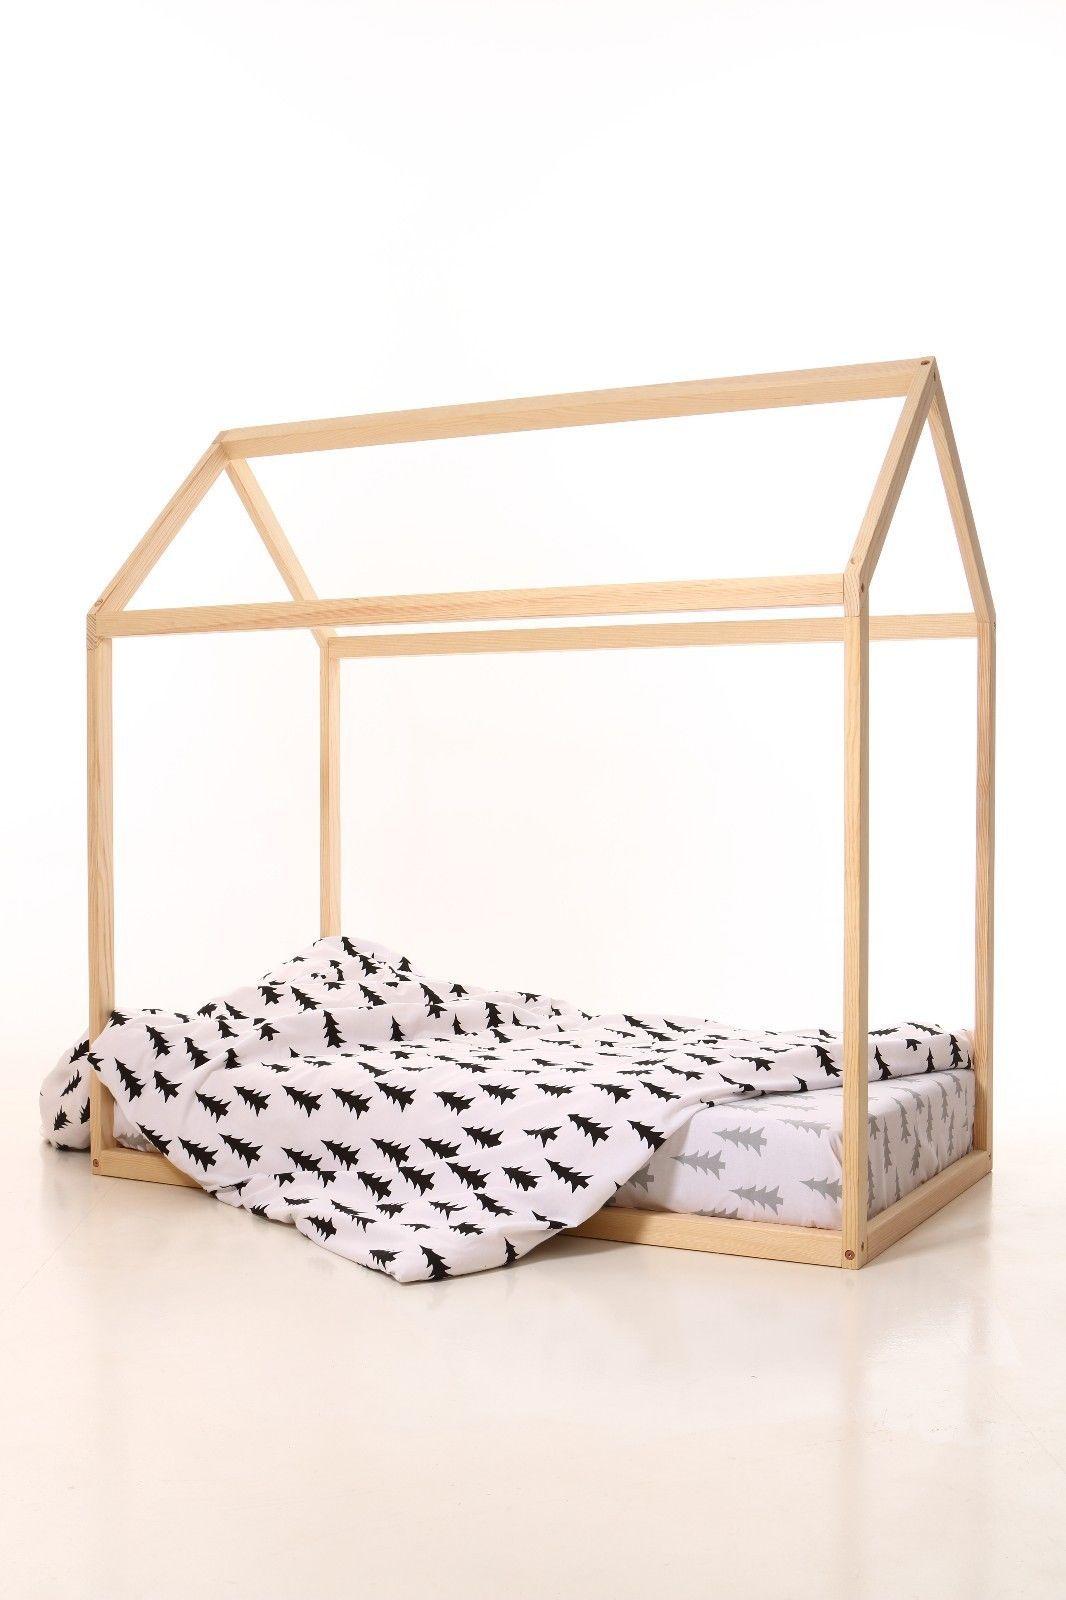 190x90cm house bed frame toddler bed bed home nursery wood house frame bed - Ebay Bed Frames